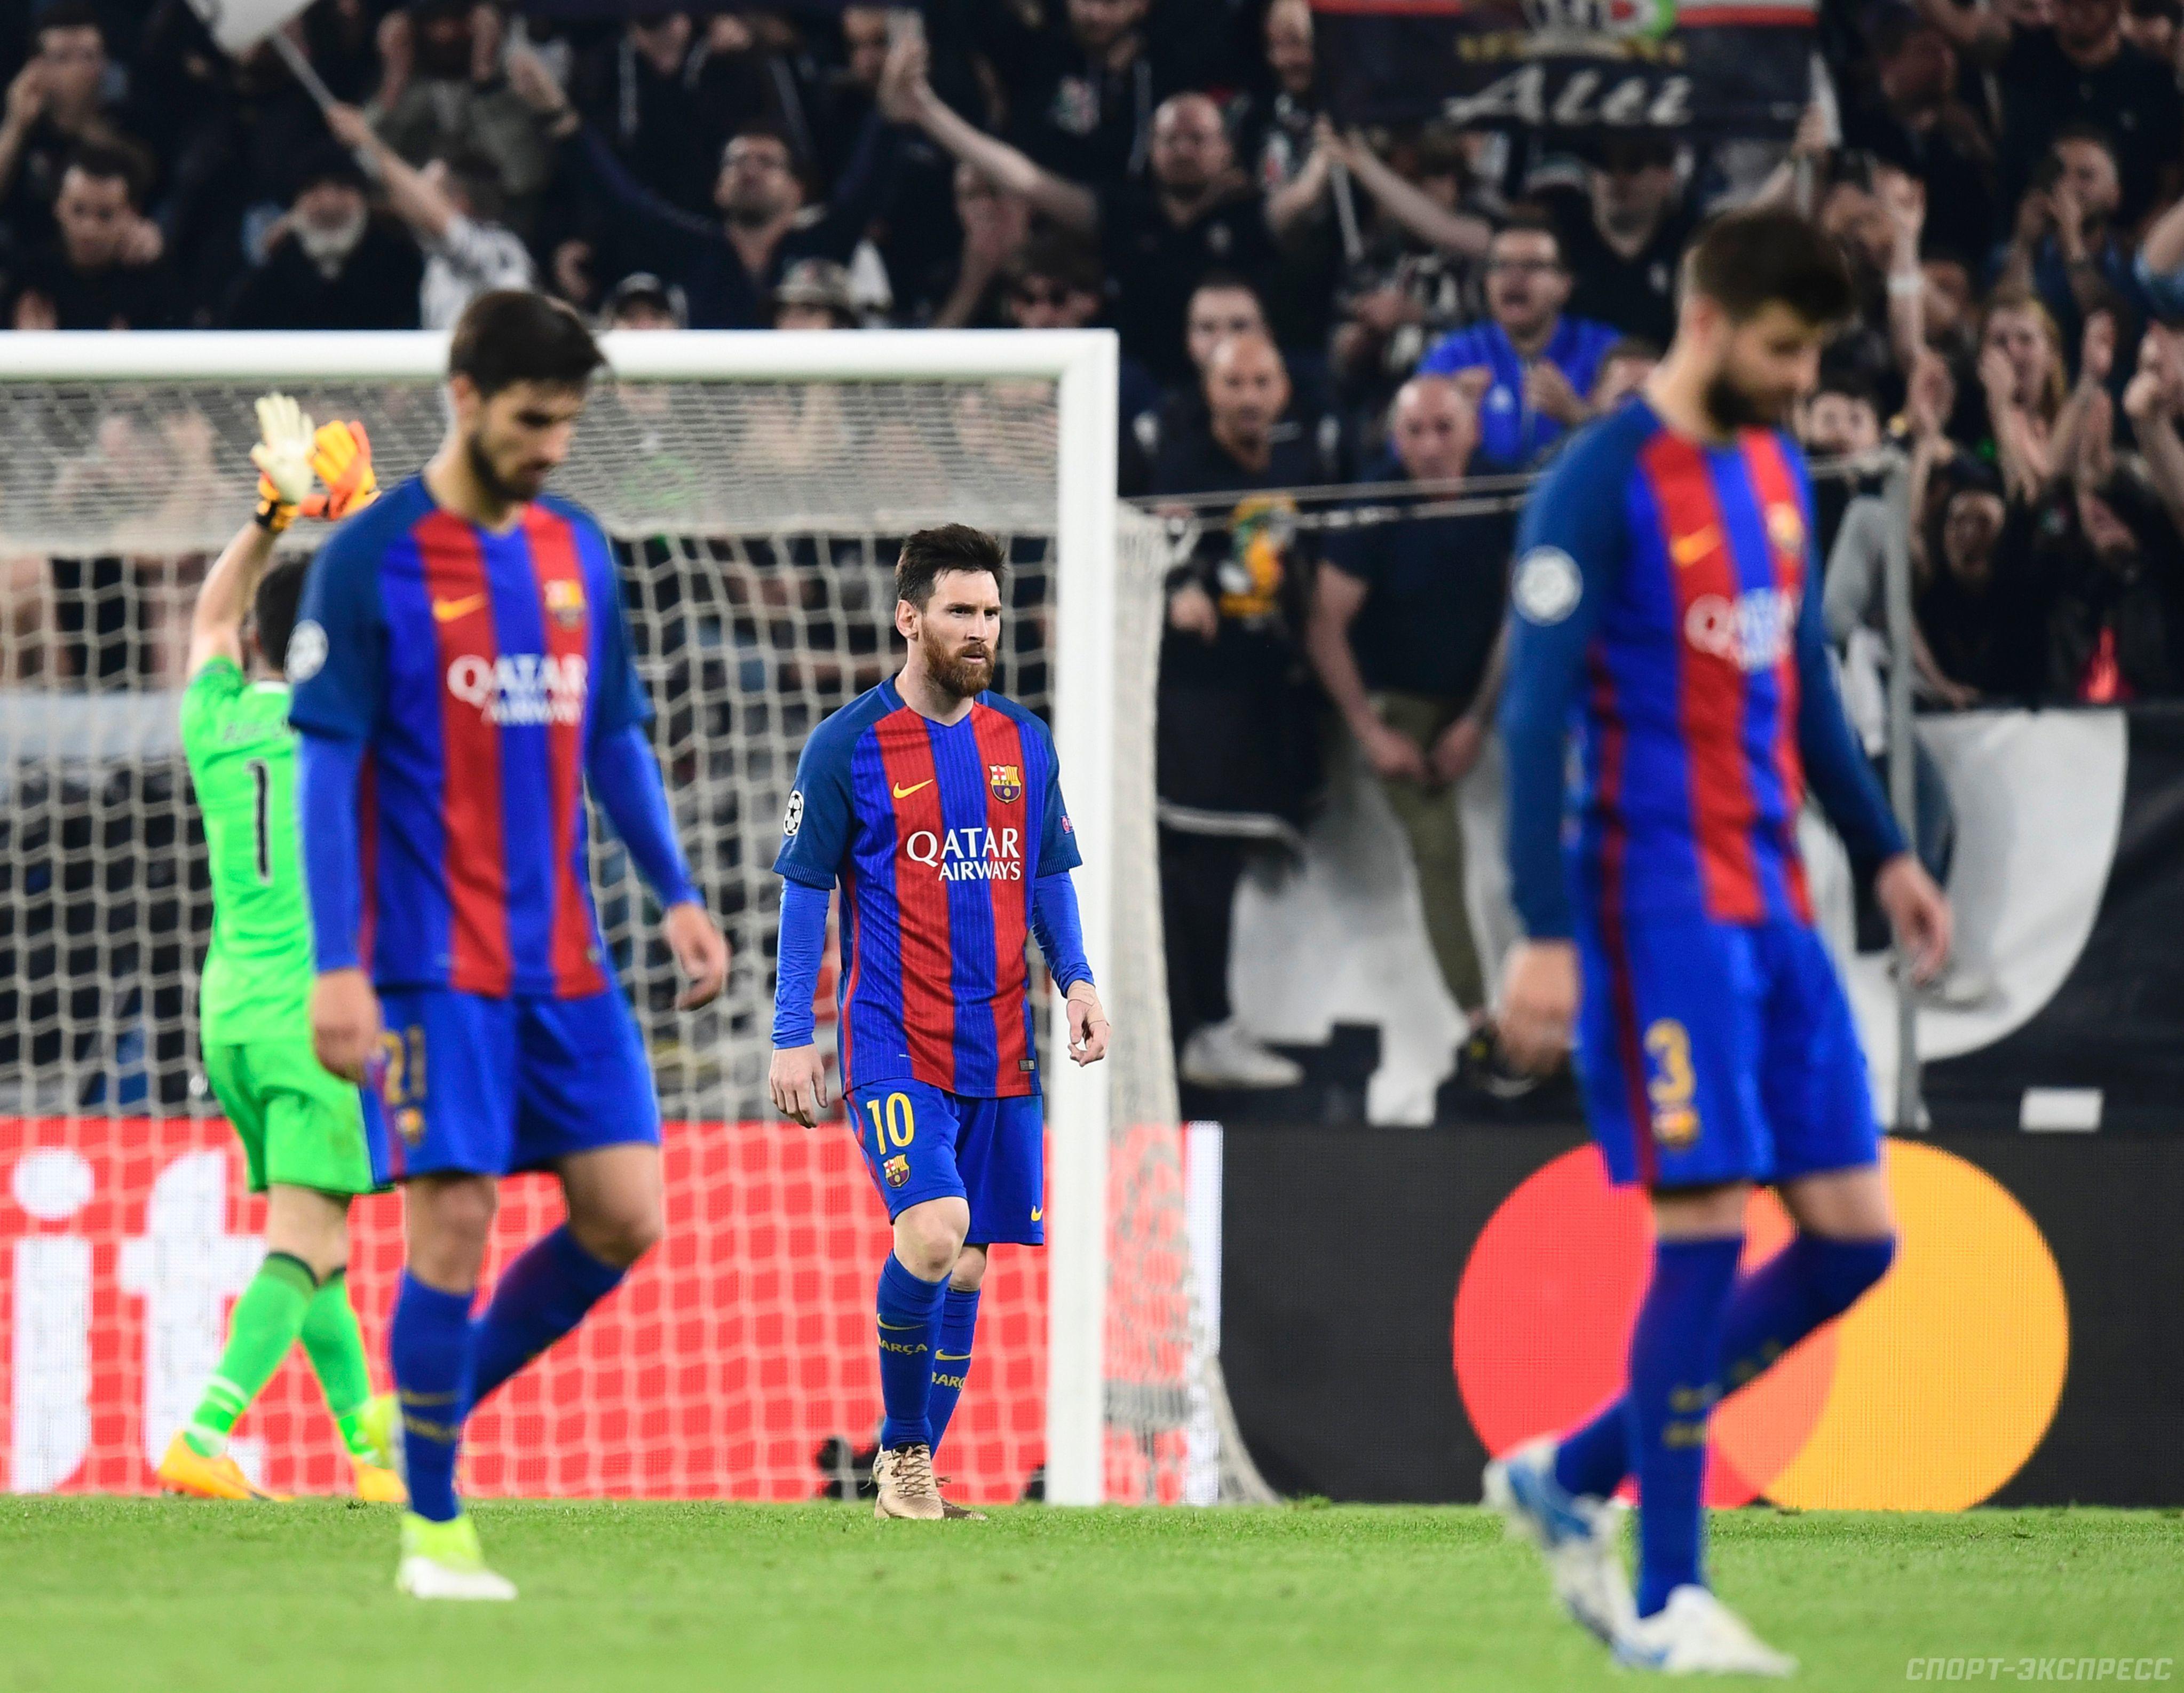 Бавария выиграла, но игровой кризис никуда не ушел